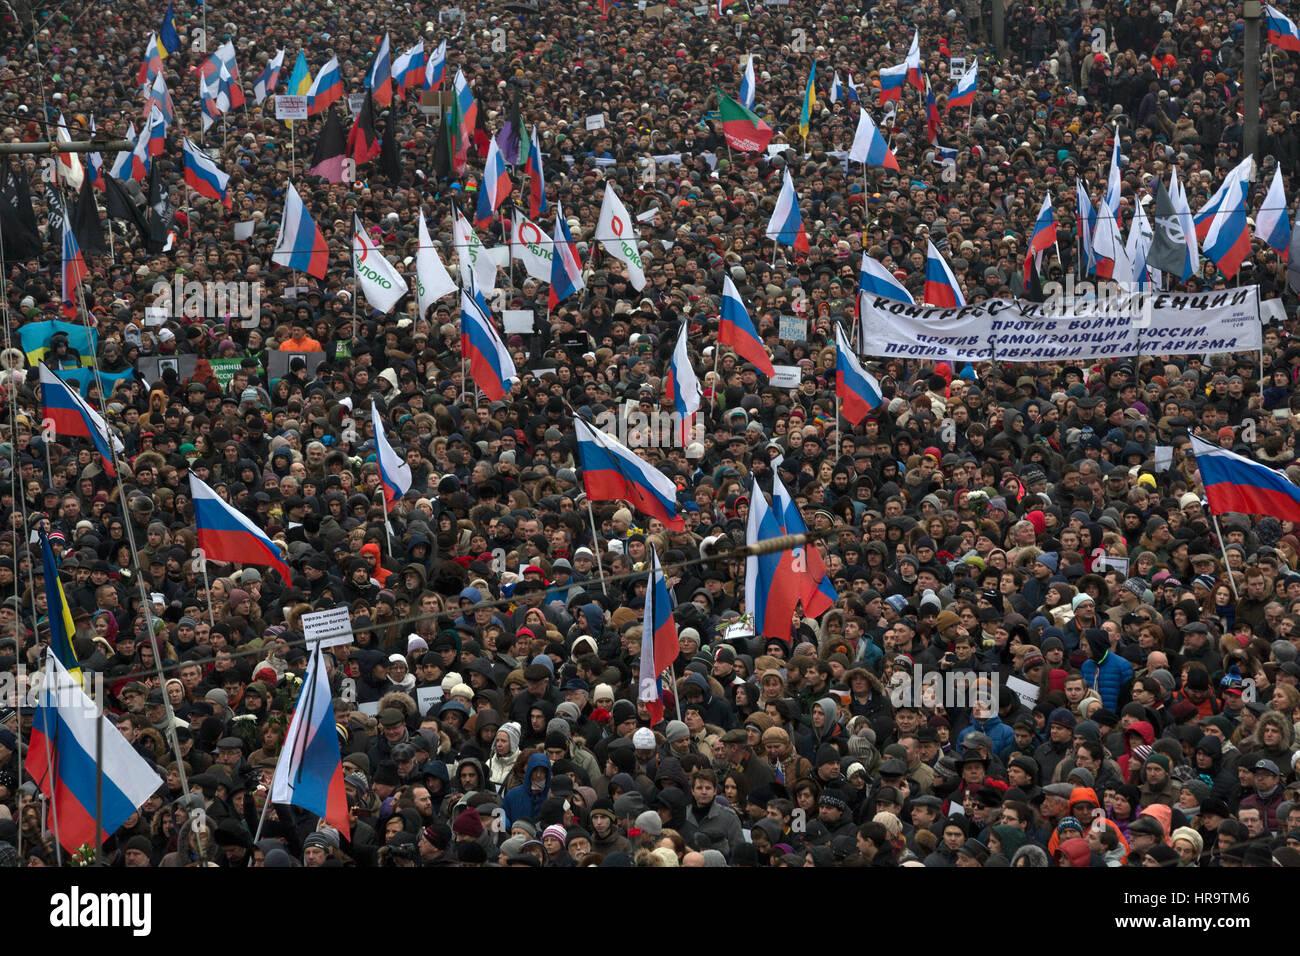 Luftaufnahme von Tausenden von Menschen besuchen eine politische Kundgebung in Moskau, Zentralrussland Stockbild